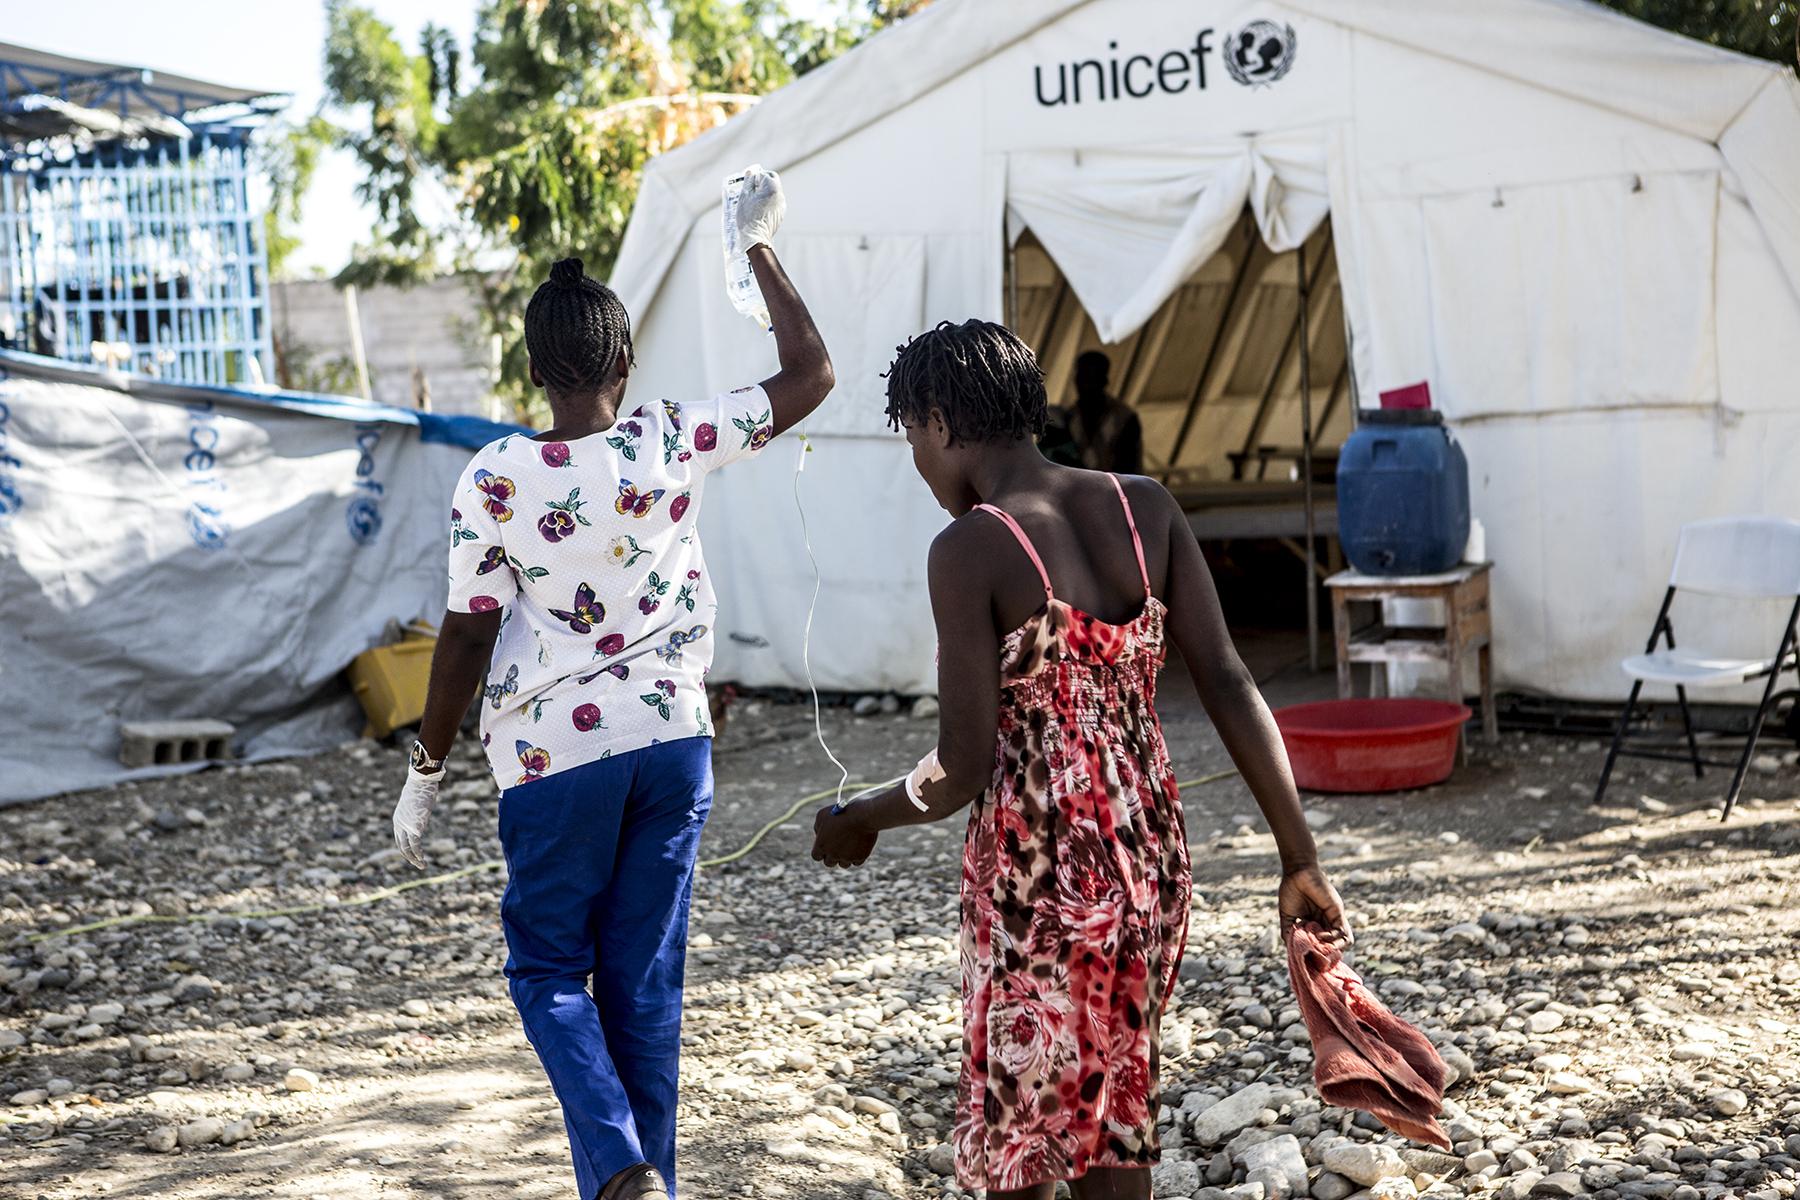 Haiti_Cholera_Healing_Art_Missions_011.JPG